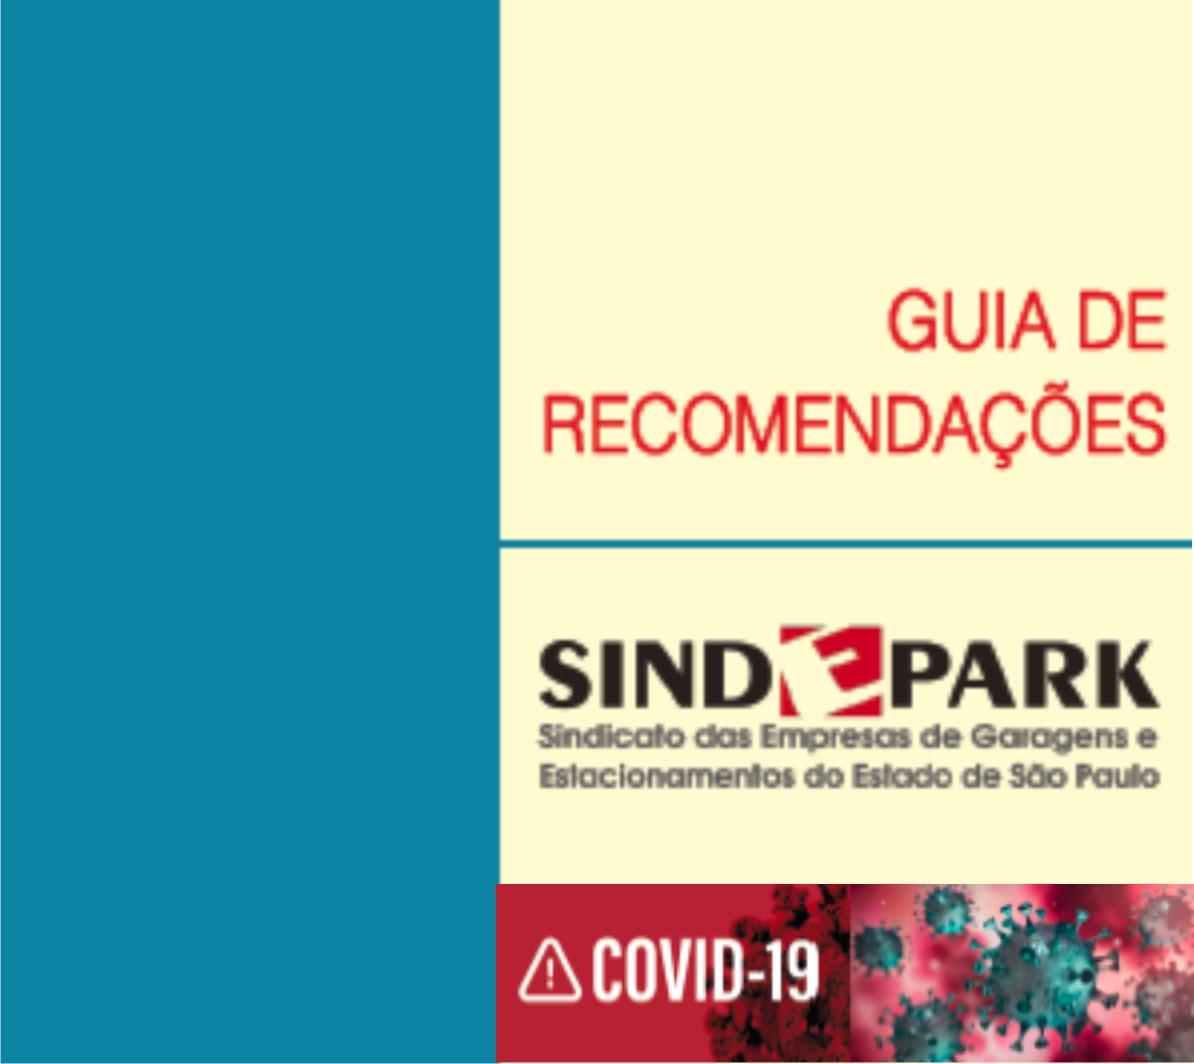 Guia de recomendações Sindepark Covid19